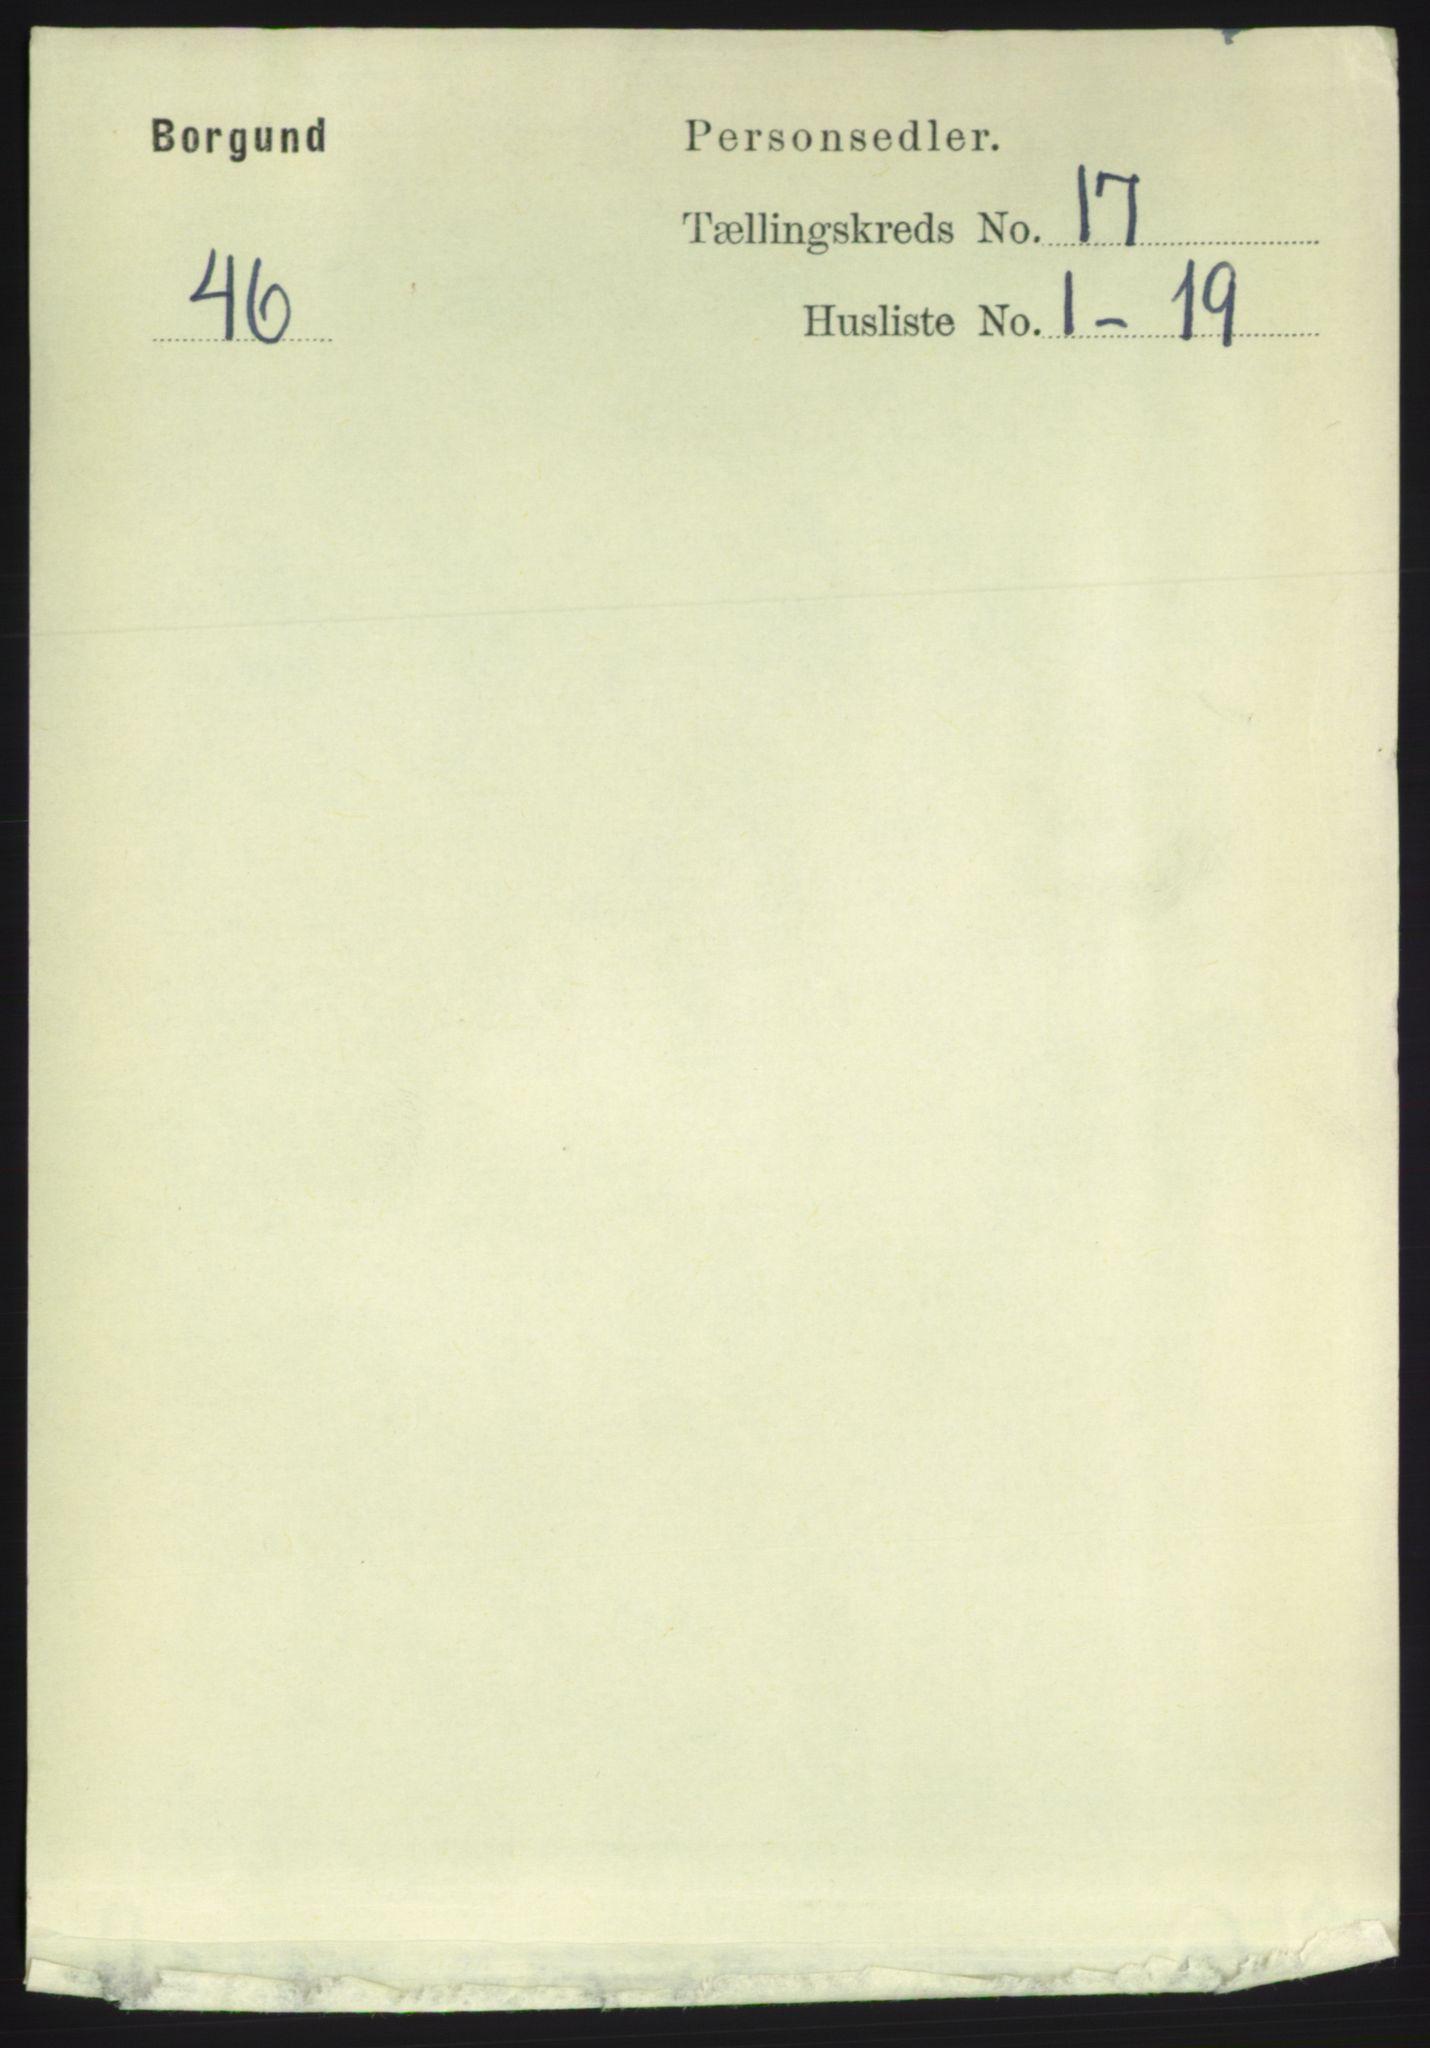 RA, Folketelling 1891 for 1531 Borgund herred, 1891, s. 4973